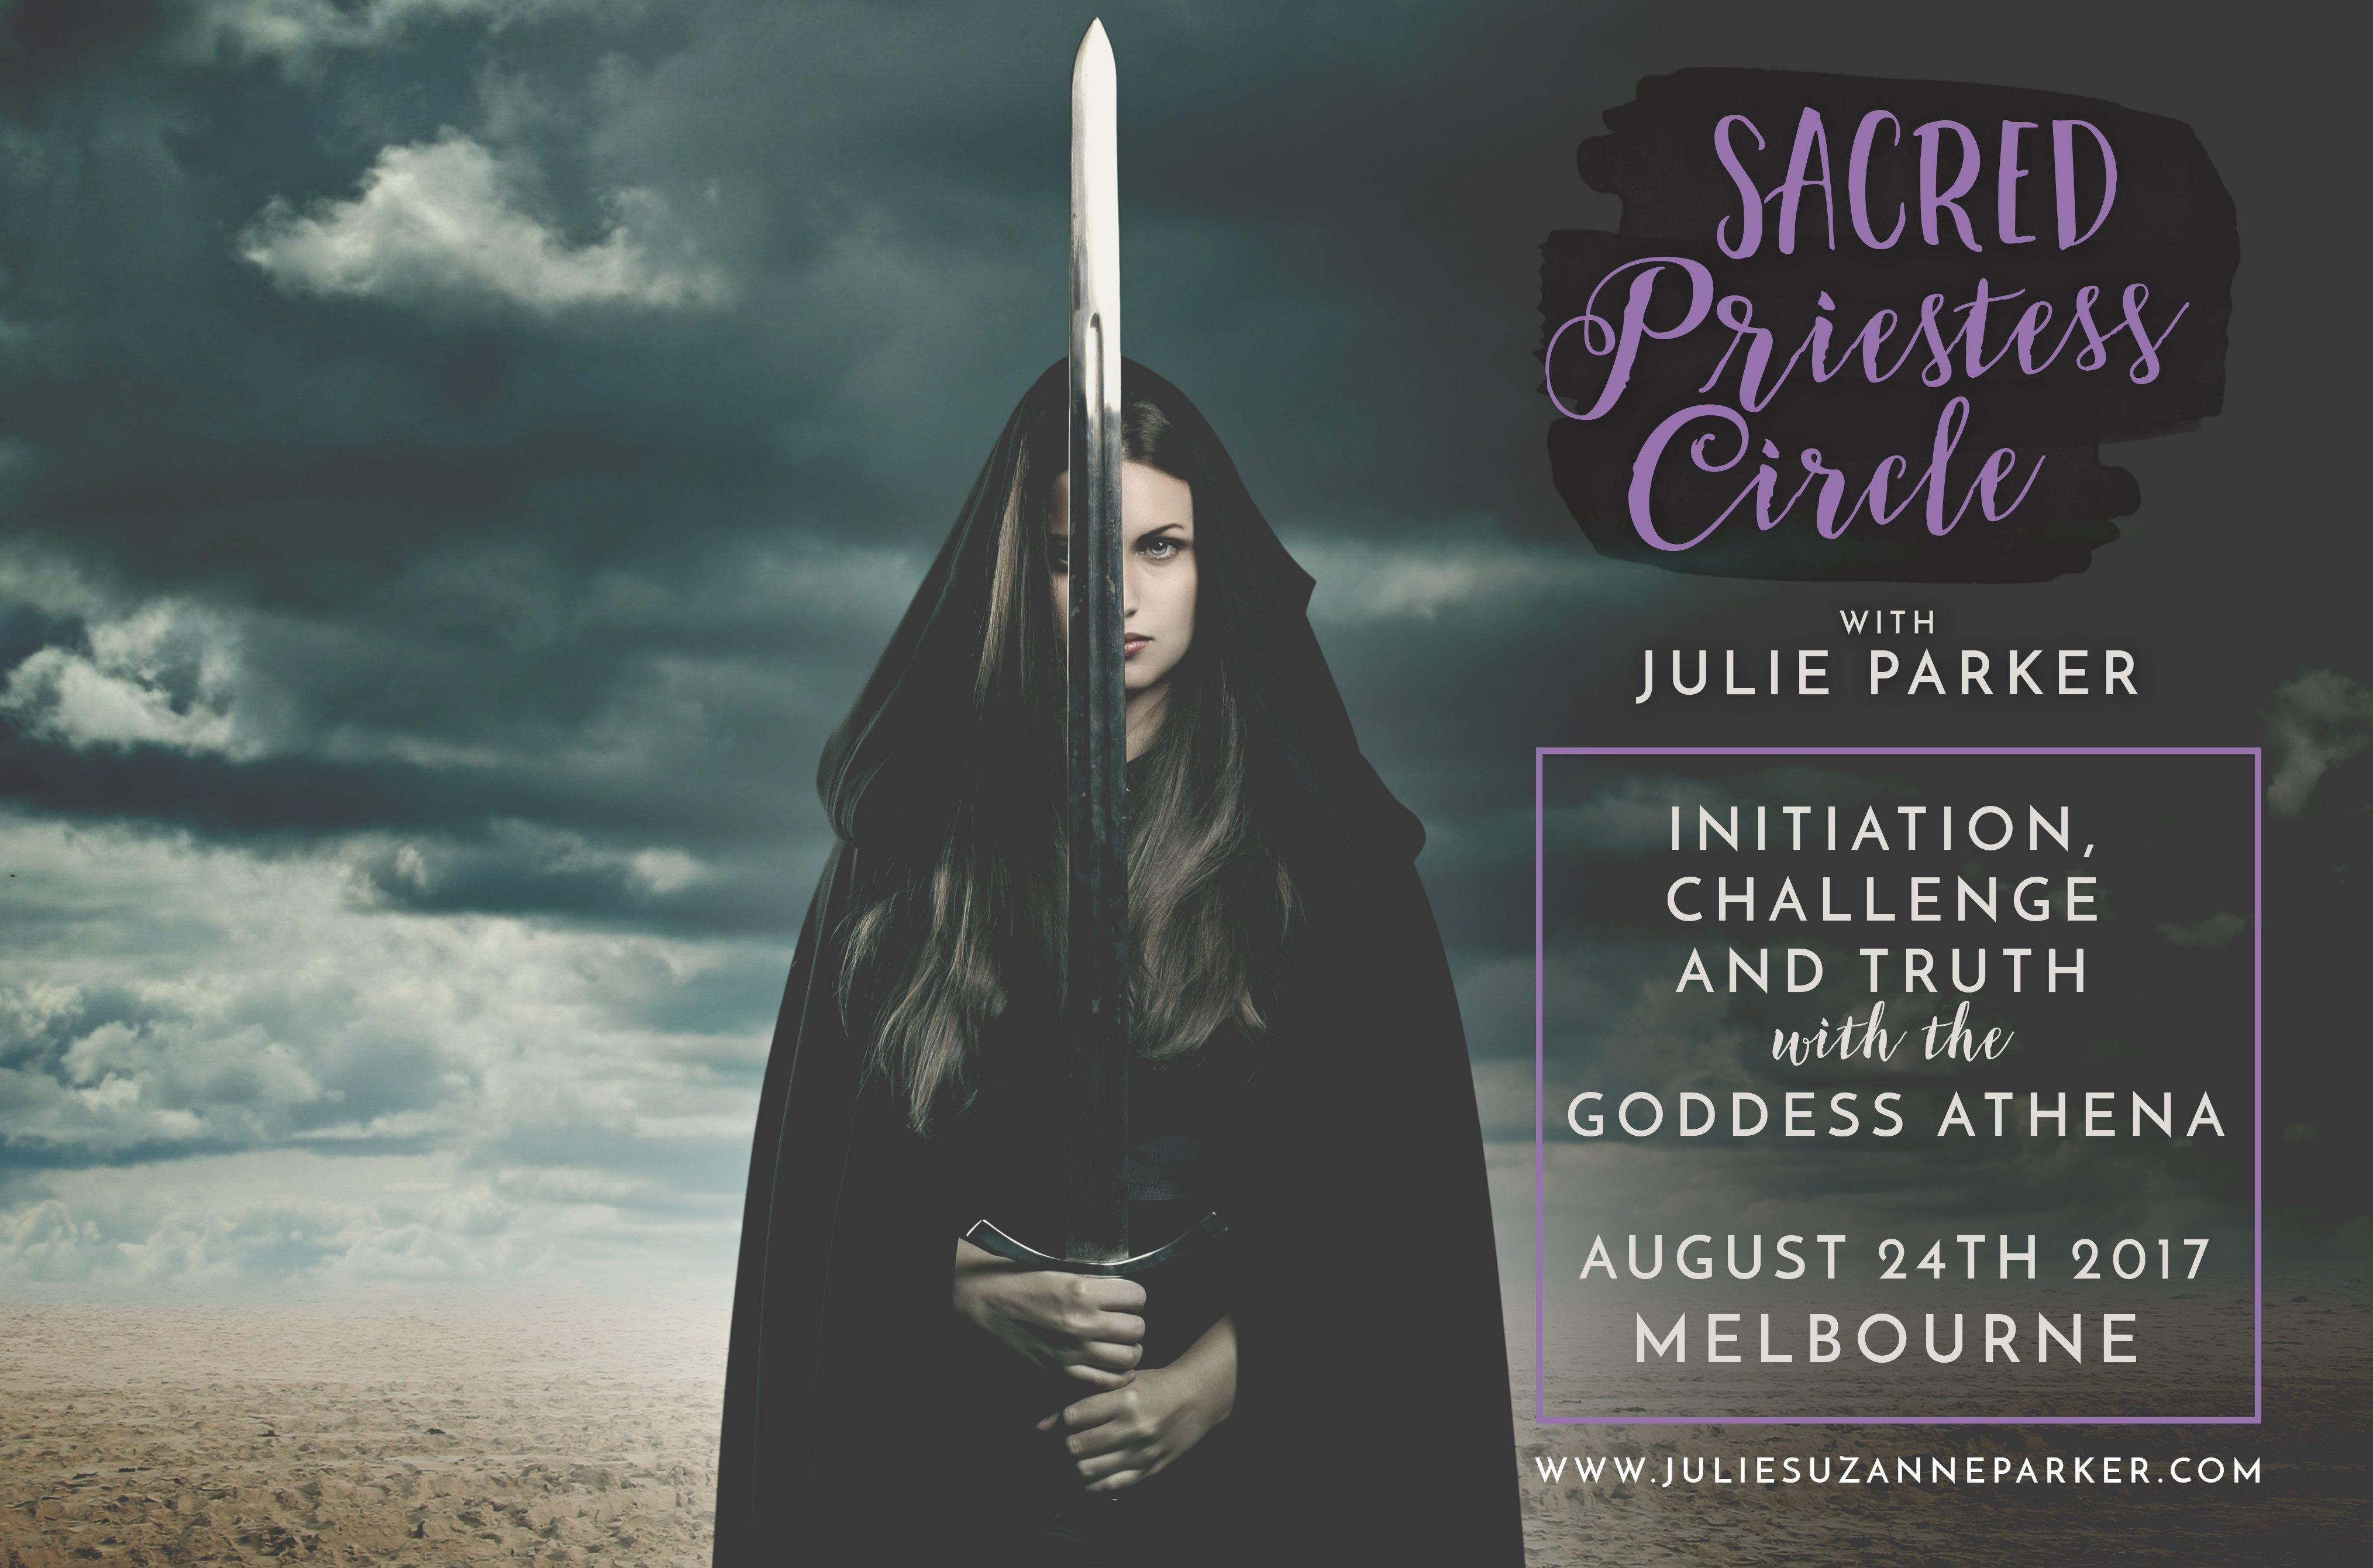 Sacred Priestess Circle: Goddess Athena